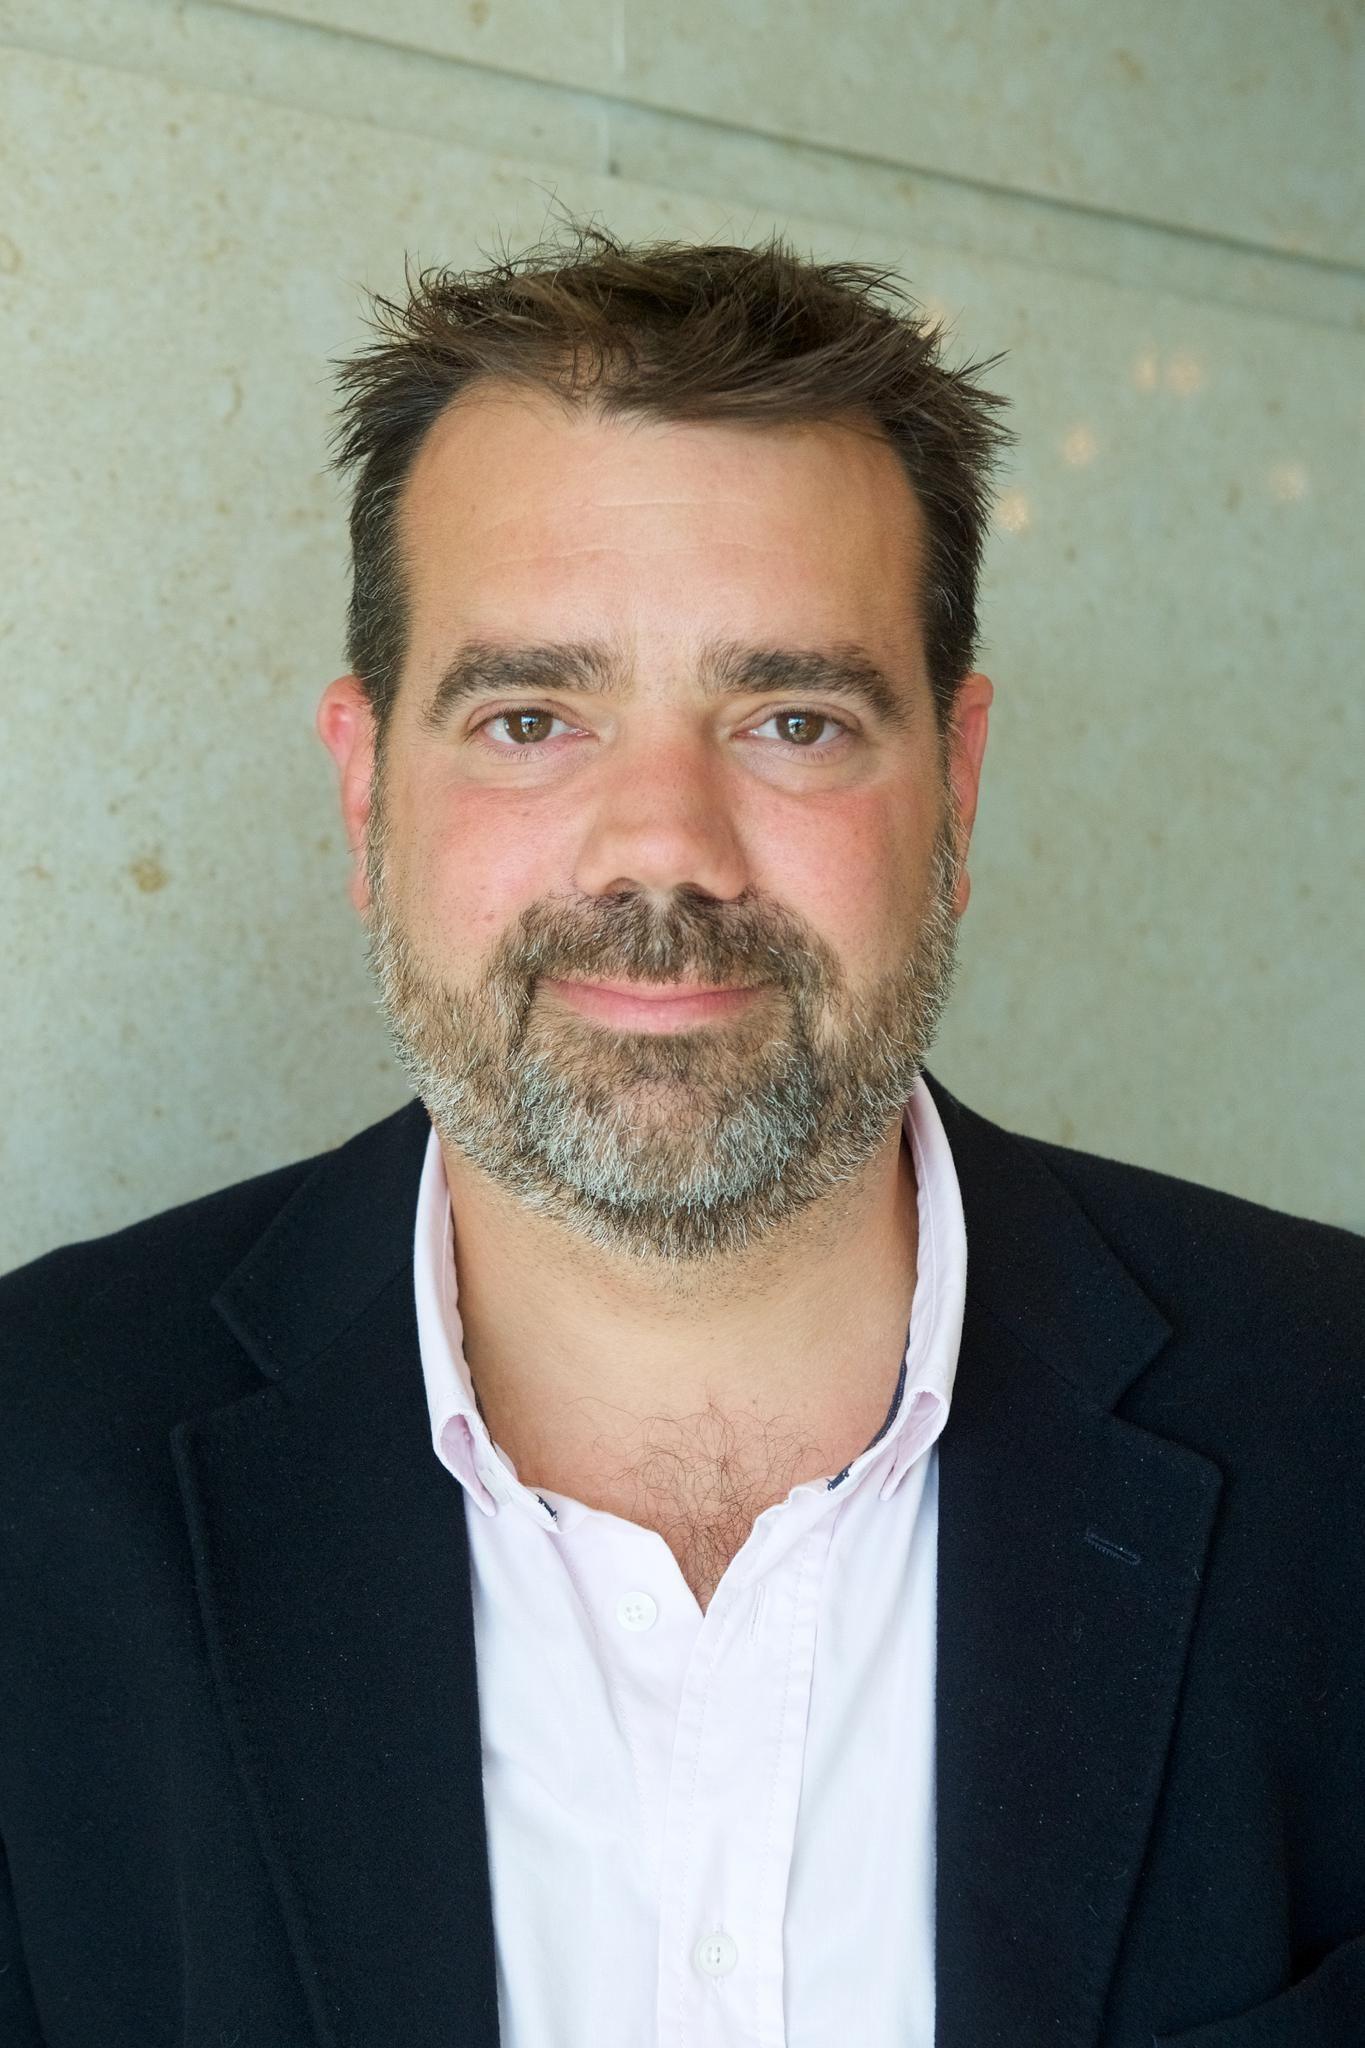 Paul Byrom